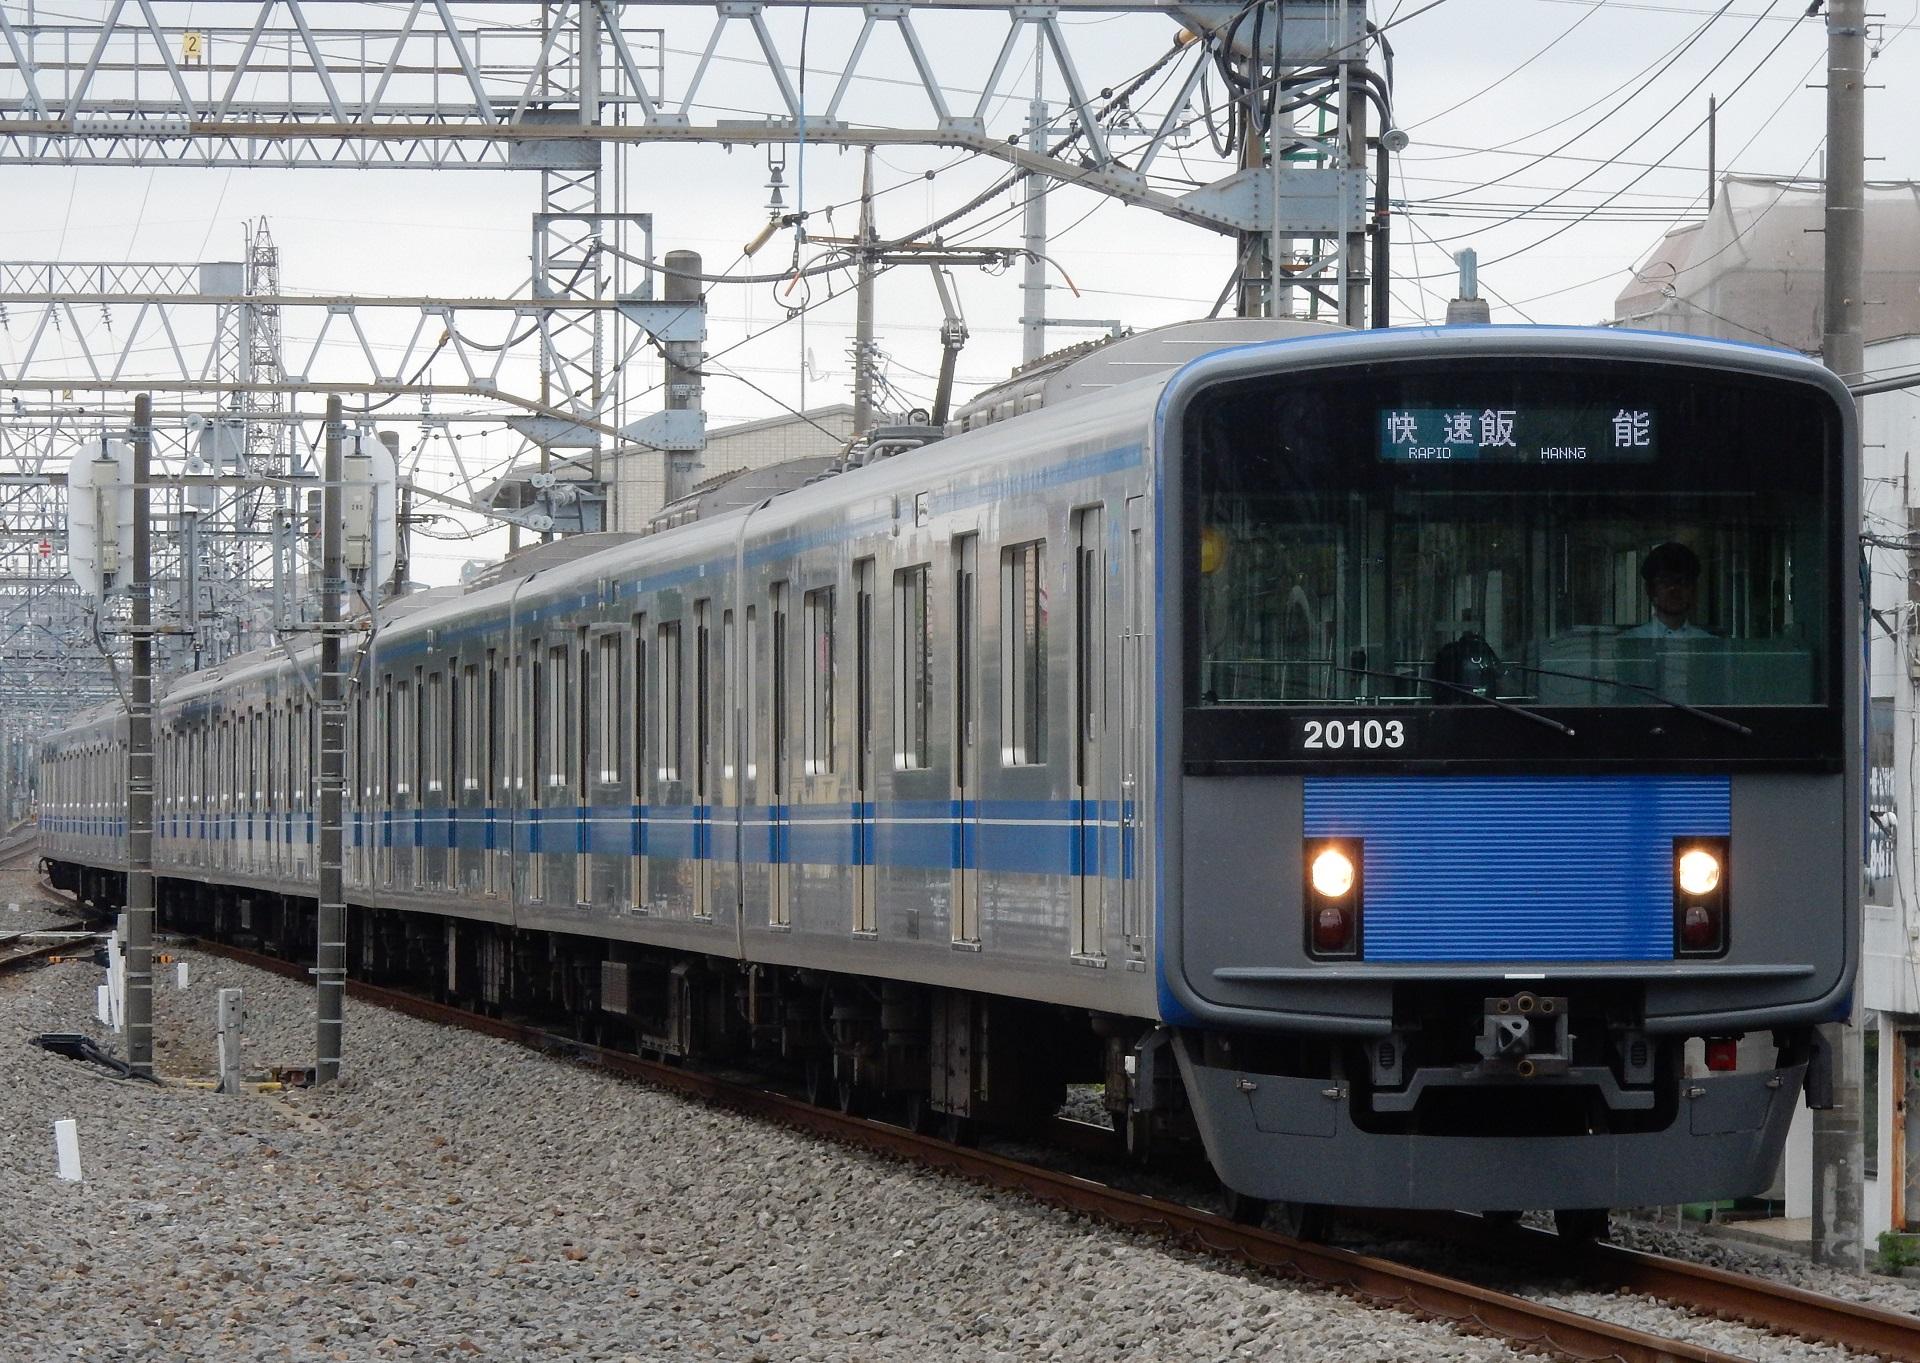 DSCN2627 - コピー